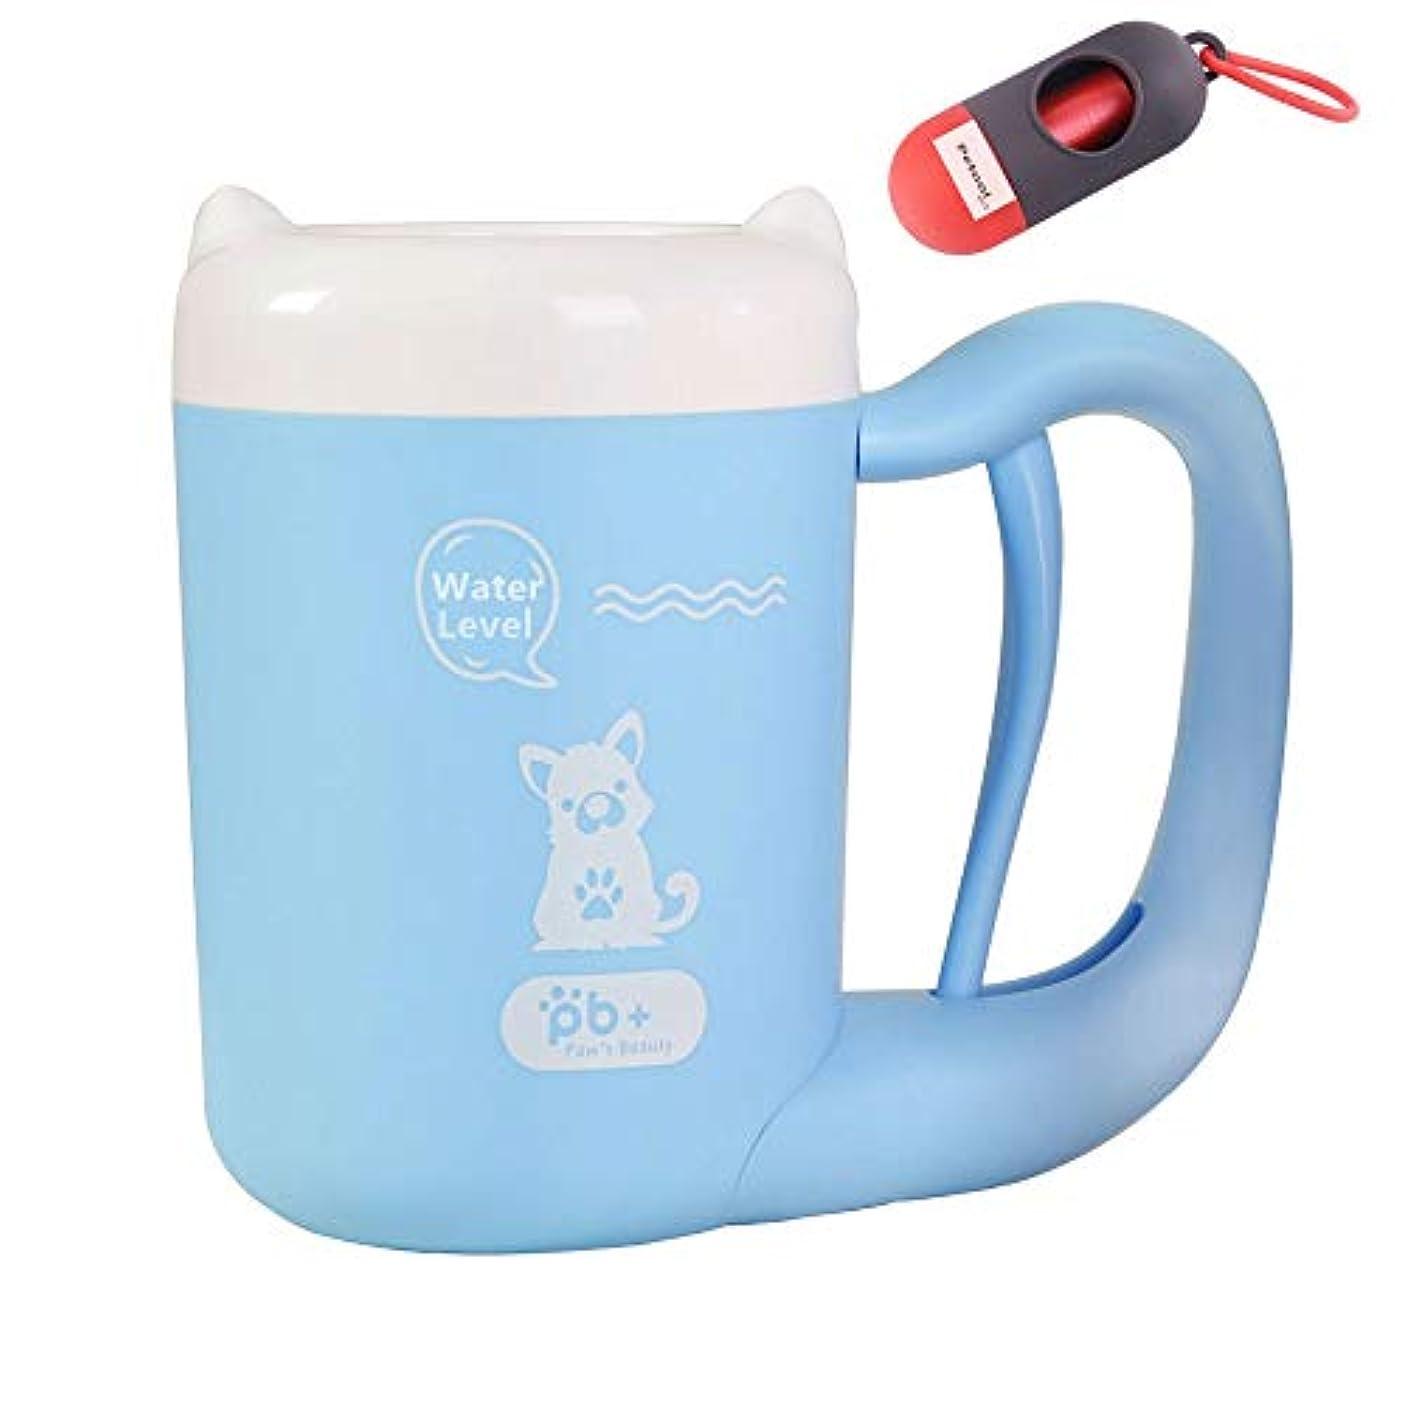 サイクロプス通常証書足洗いカップ ペット 犬 クリーナー 足洗いブラシ 半自動式 小型犬に最適 回転 便利 シリコーンブラシ 柔軟 マッサージ効果 安全 ブルー